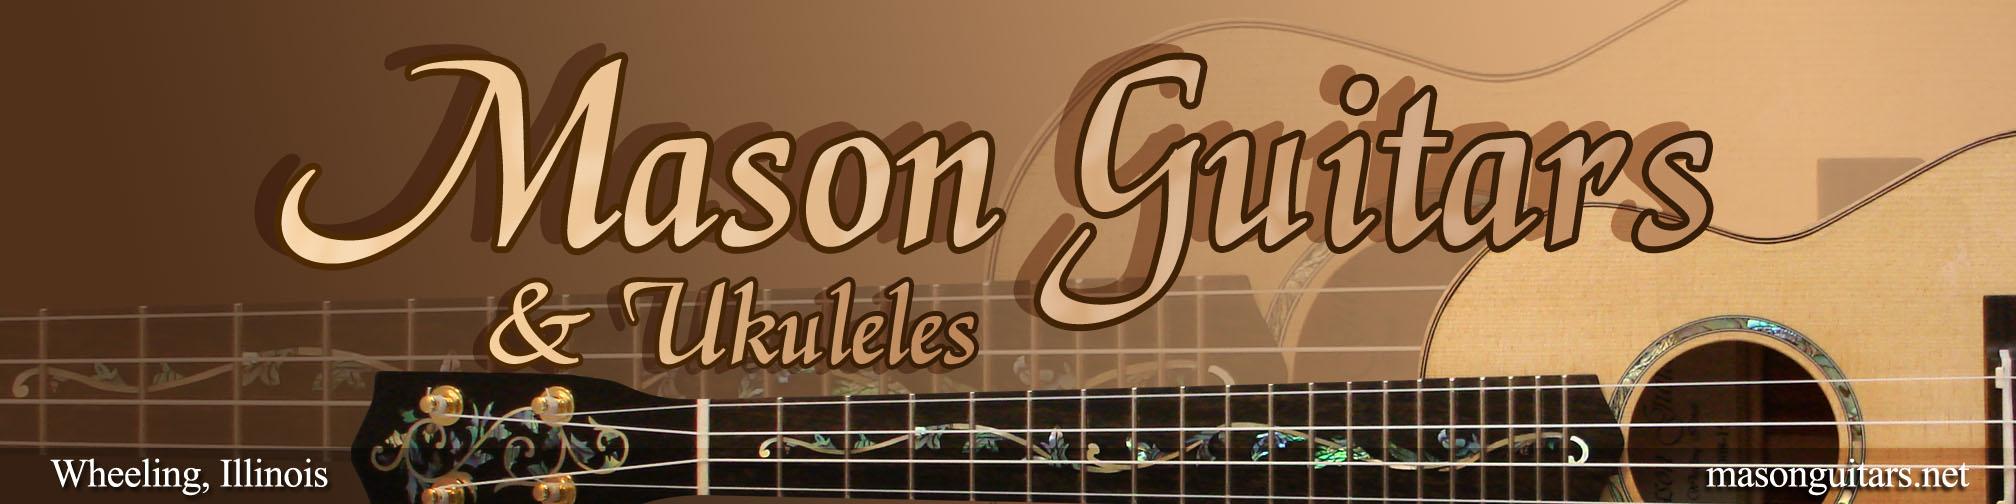 masonguitars-banner